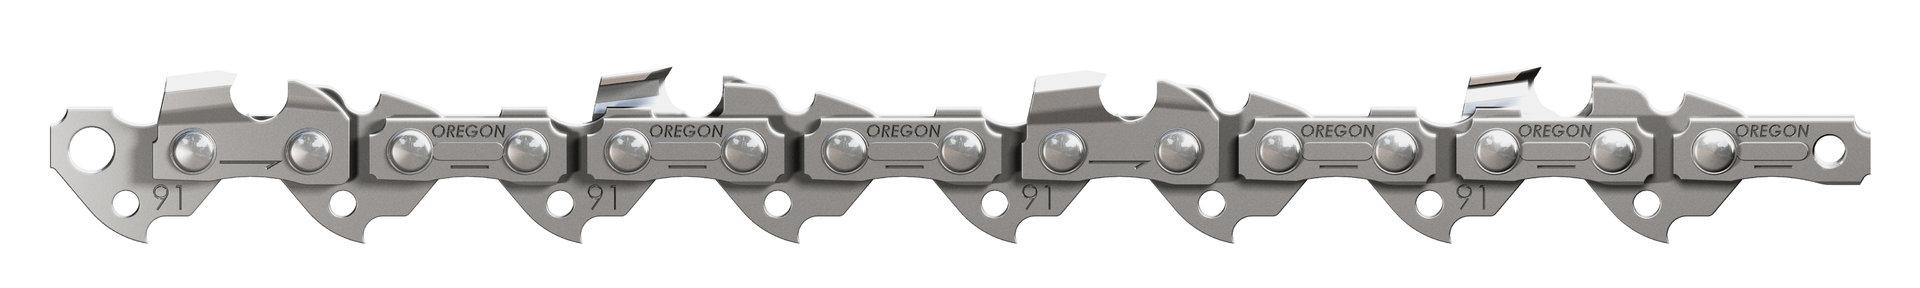 91px025r oregon s gekette 3 8 1 3 mm 25 fu rolle. Black Bedroom Furniture Sets. Home Design Ideas